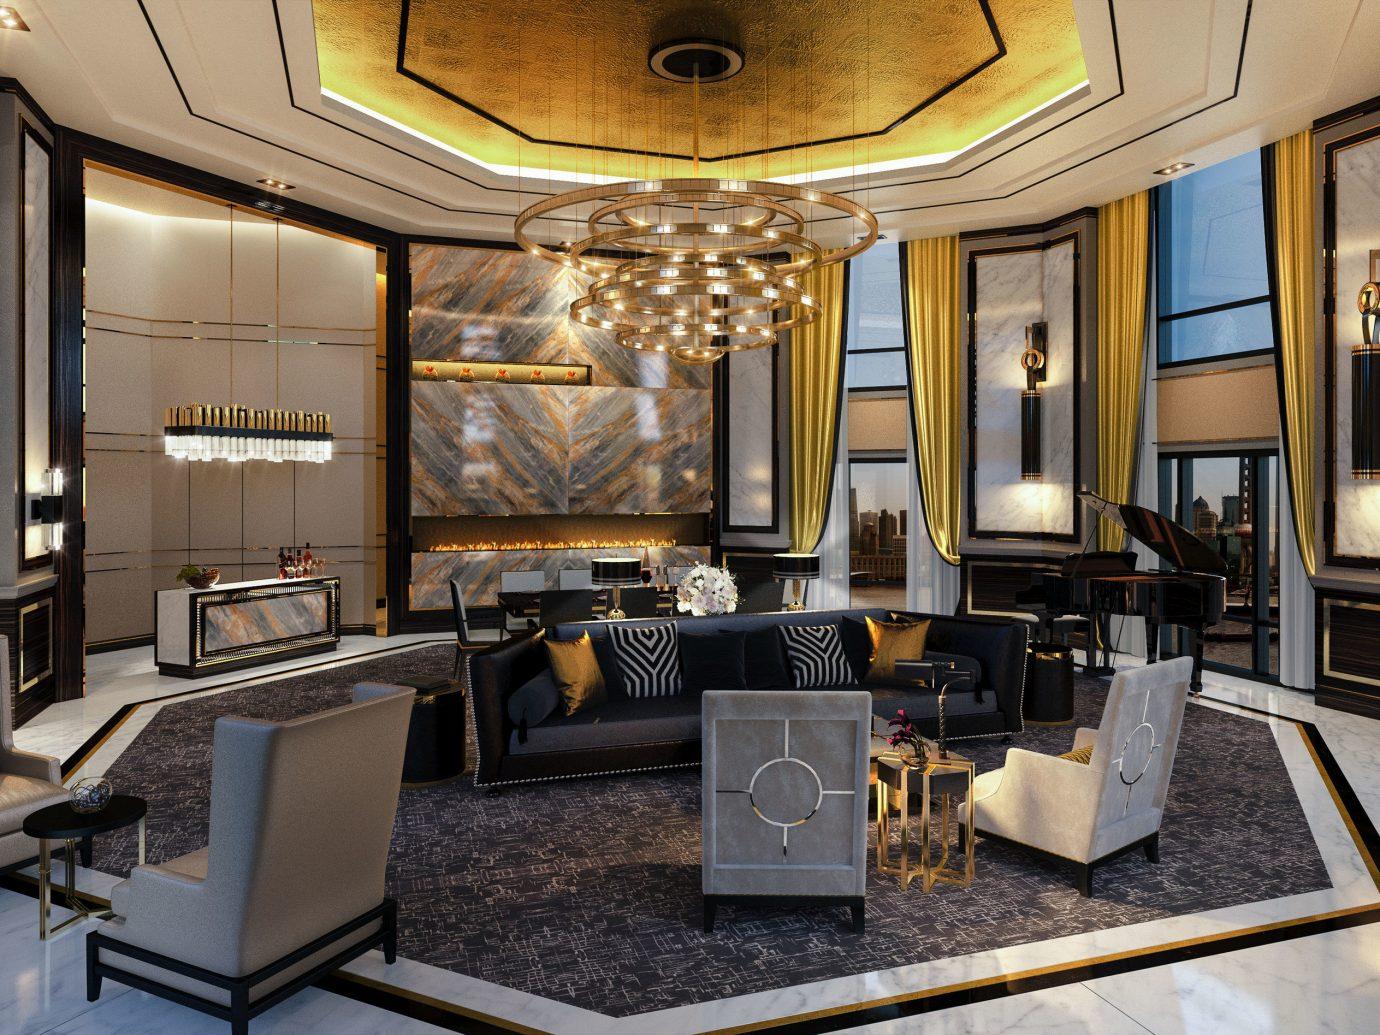 Boutique Hotels Luxury Travel indoor floor interior design room living room ceiling Living Lobby interior designer furniture